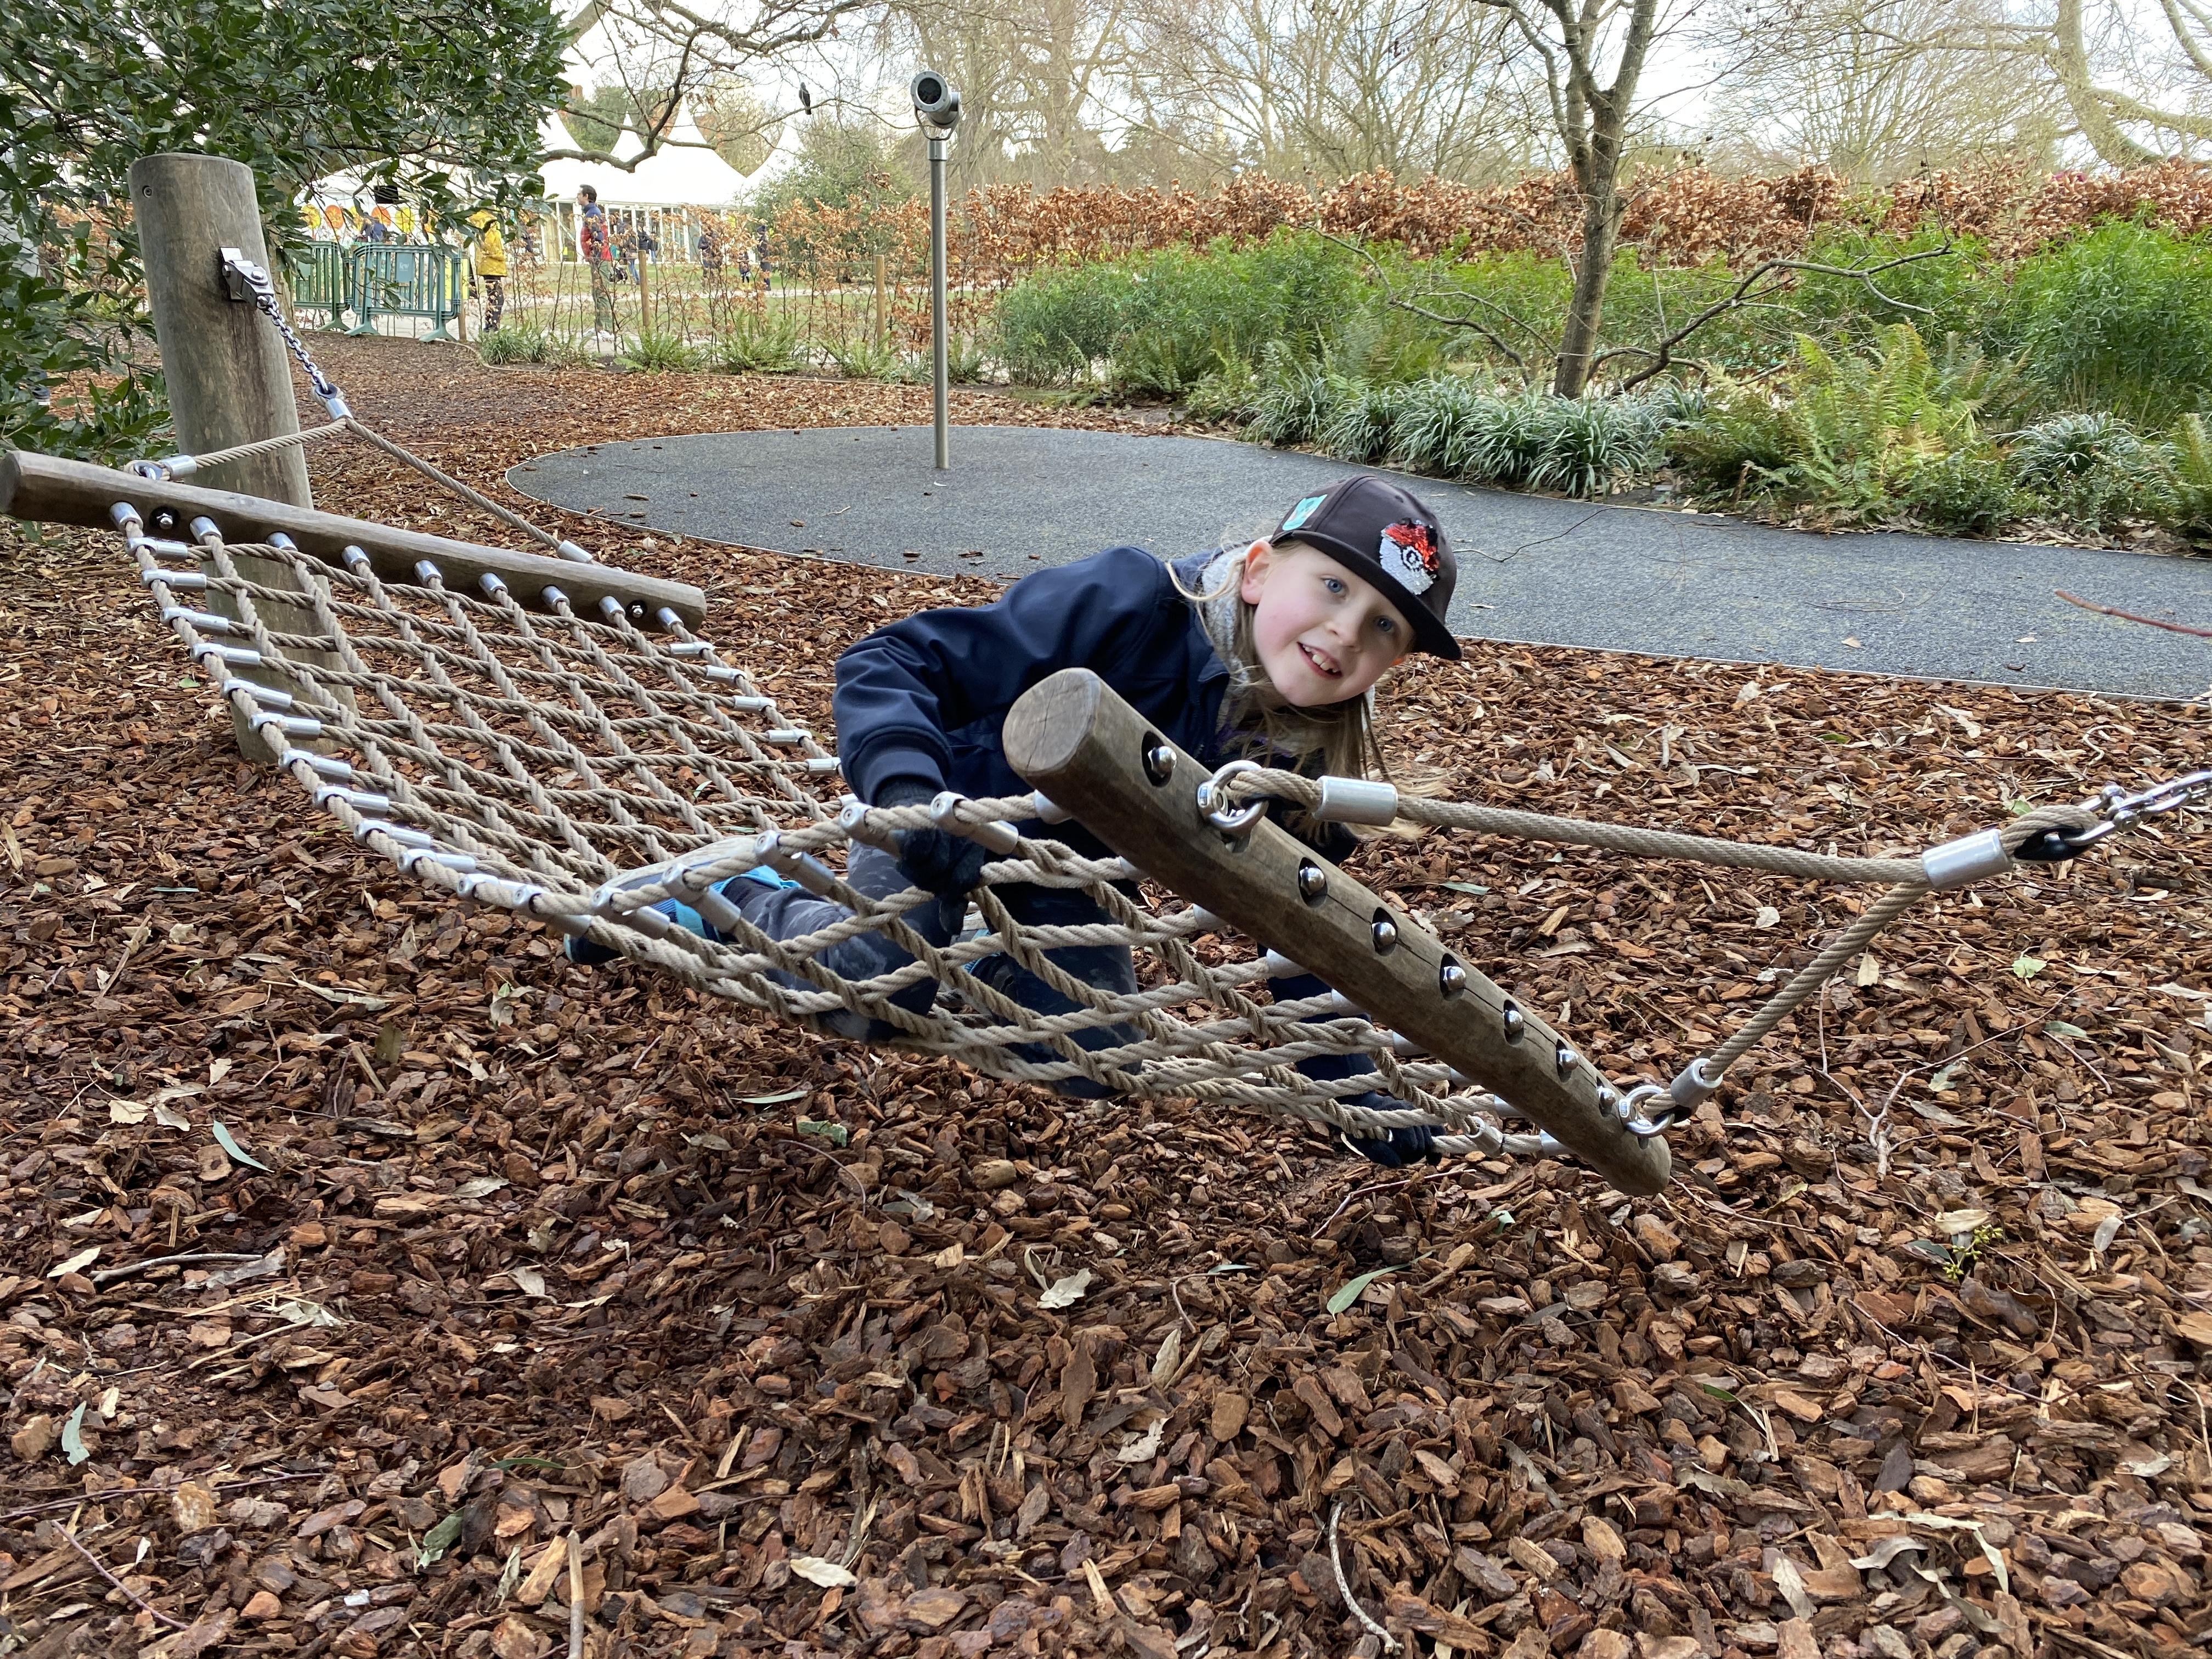 Children's playground at Kew